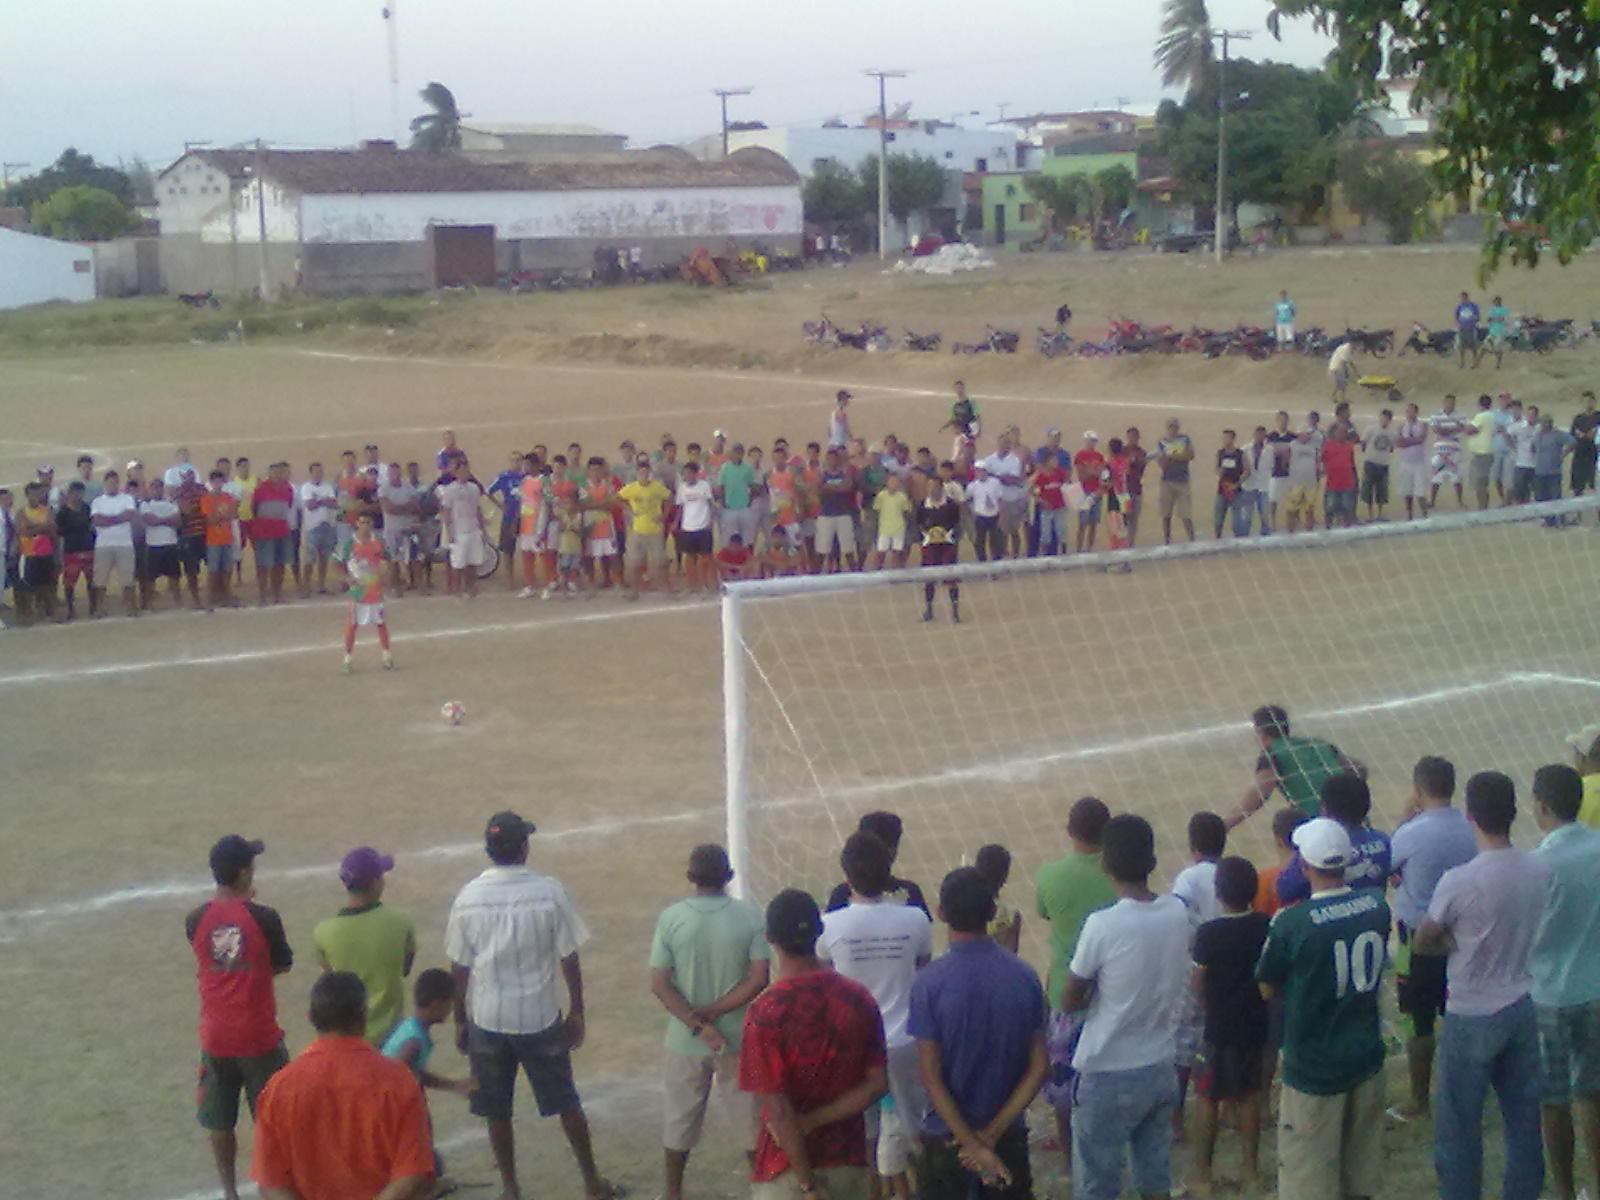 Resultado de imagem para imagens do campeonato municipal de adustina